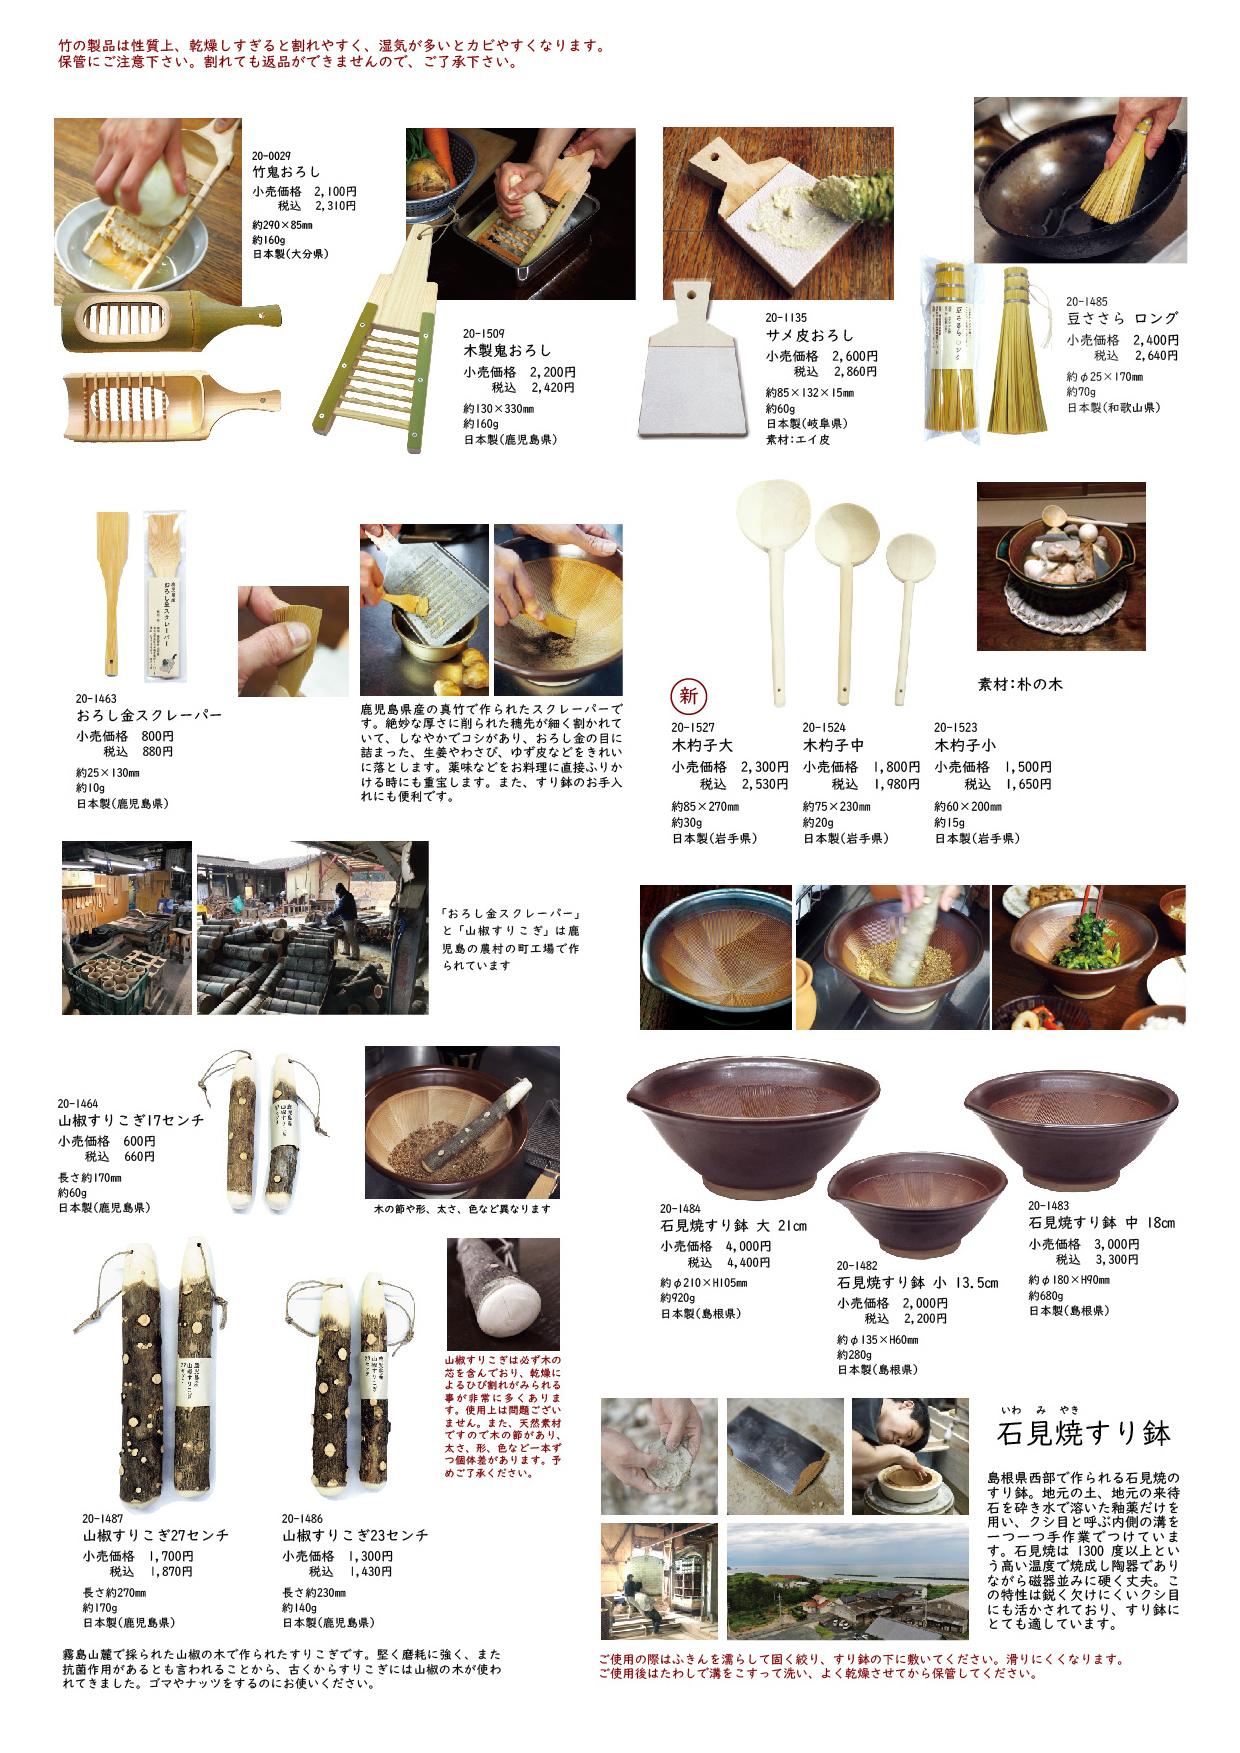 台所用品③-おろし・すり鉢・すりこぎ-